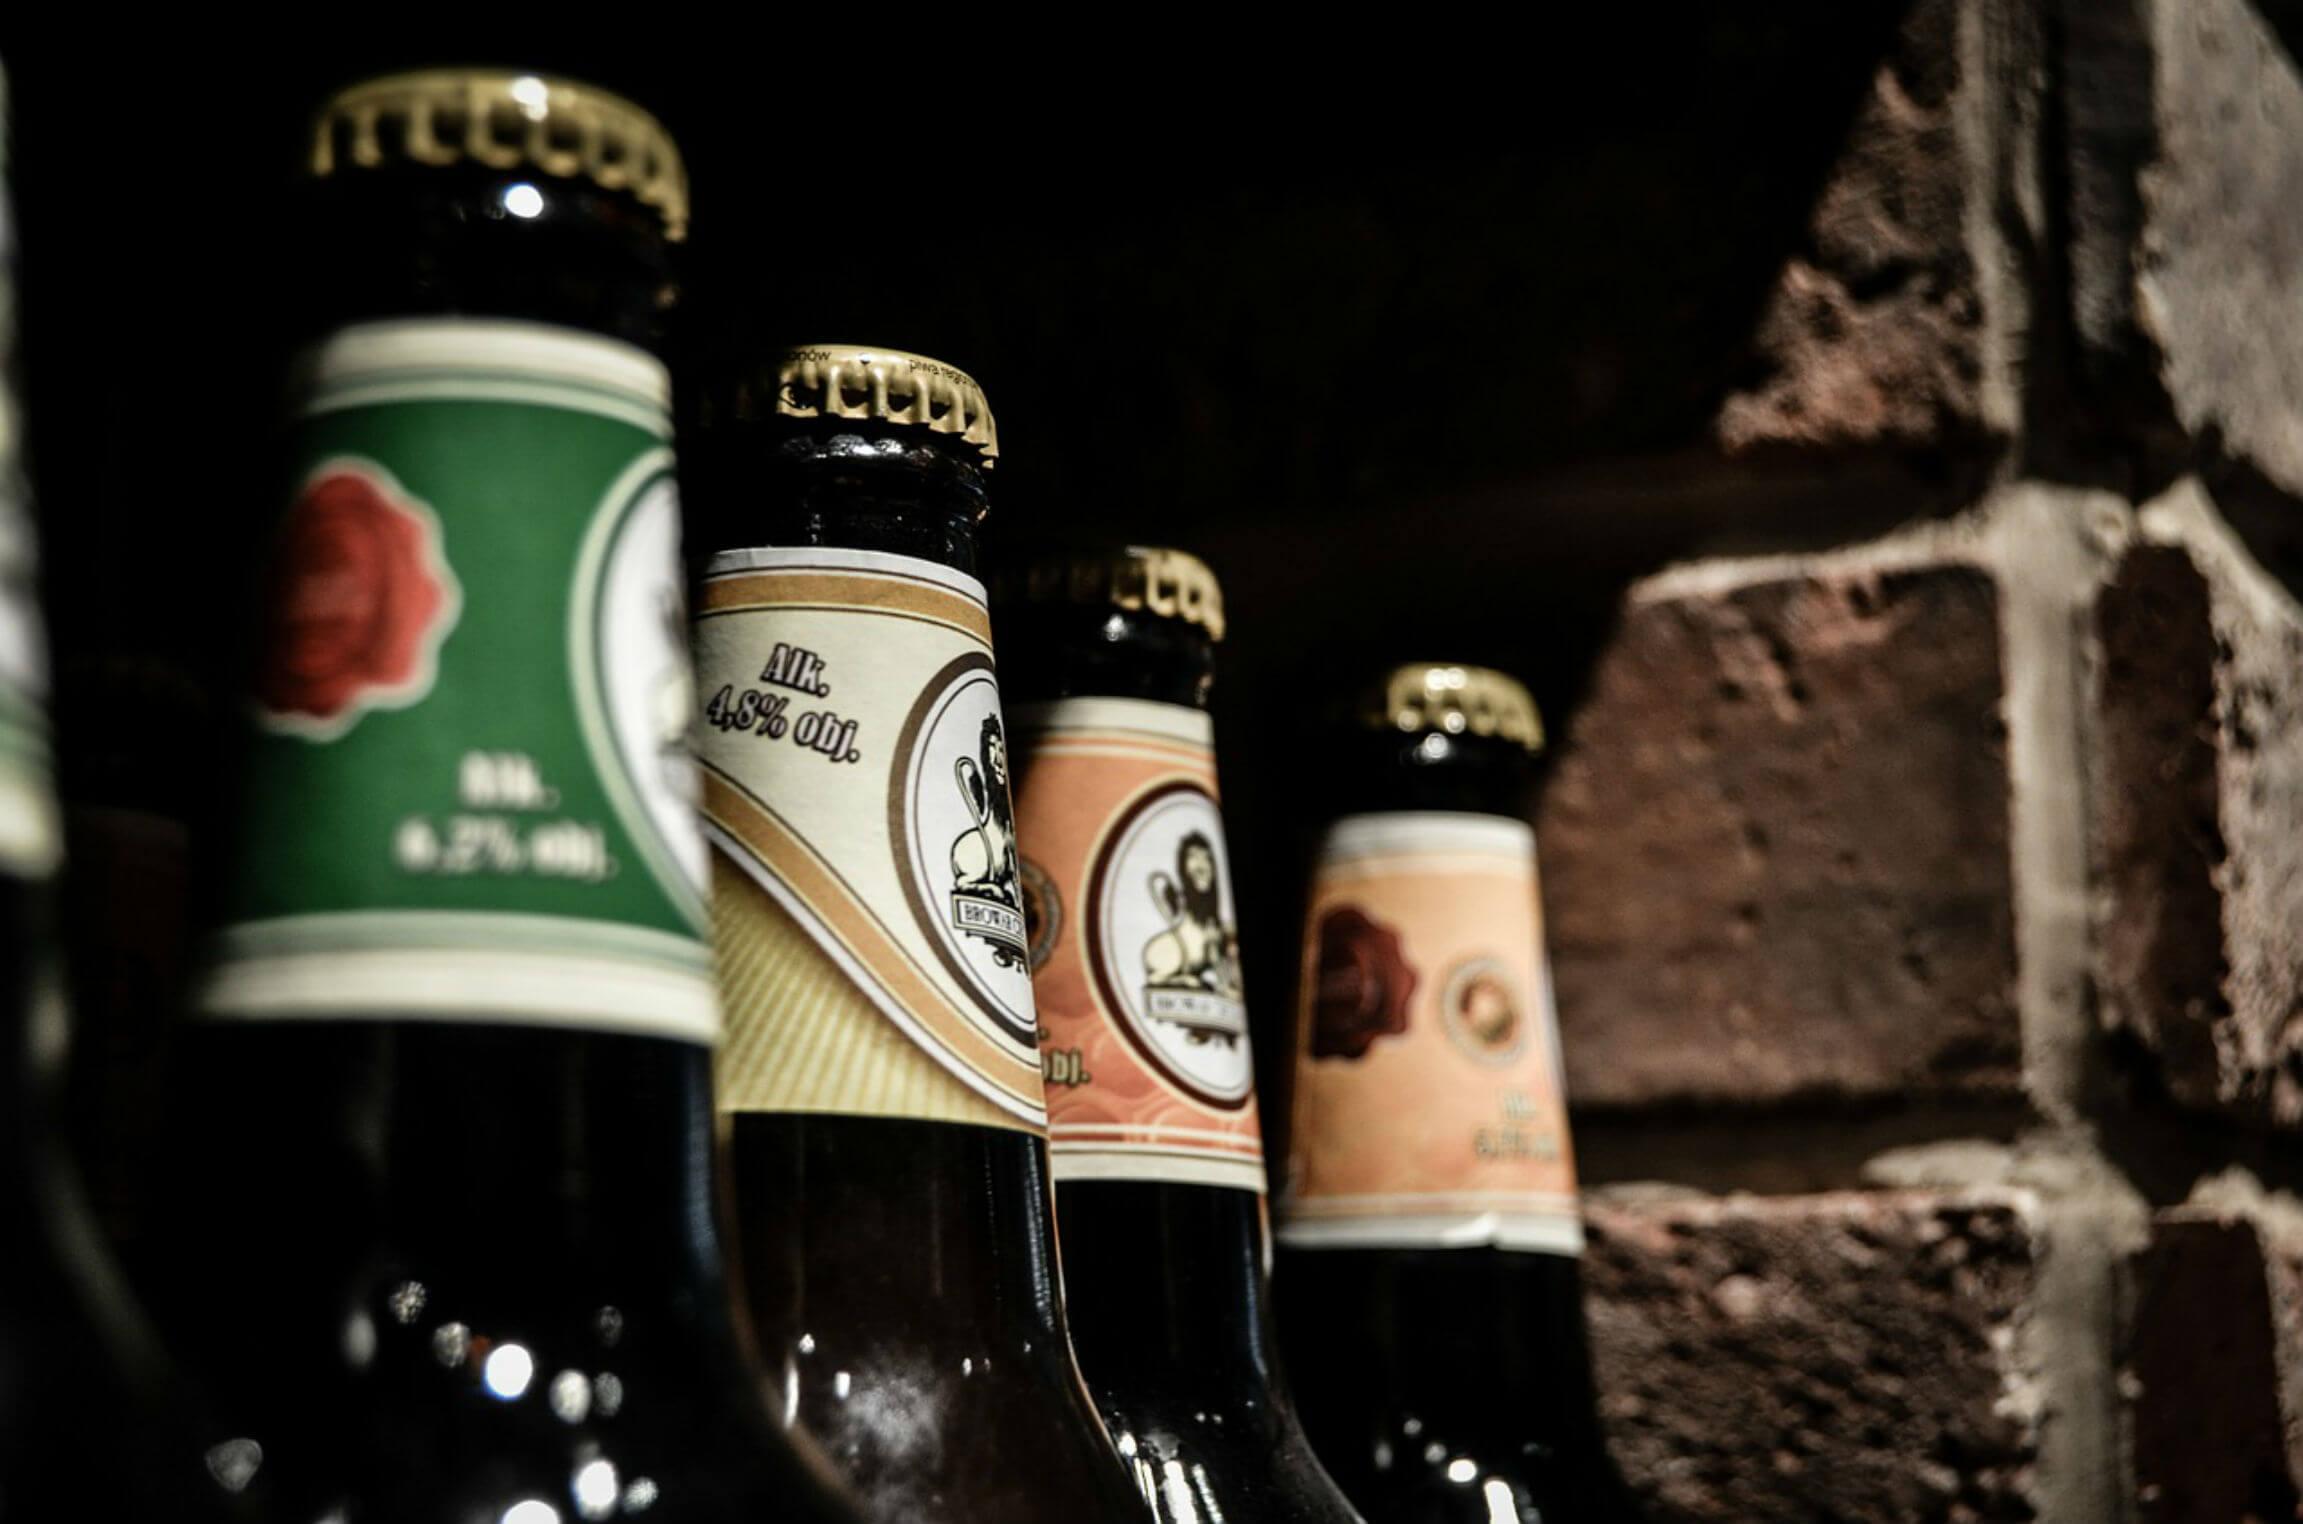 Alkohol und Fasching: Sind vier Bier schon zwei zu viel?